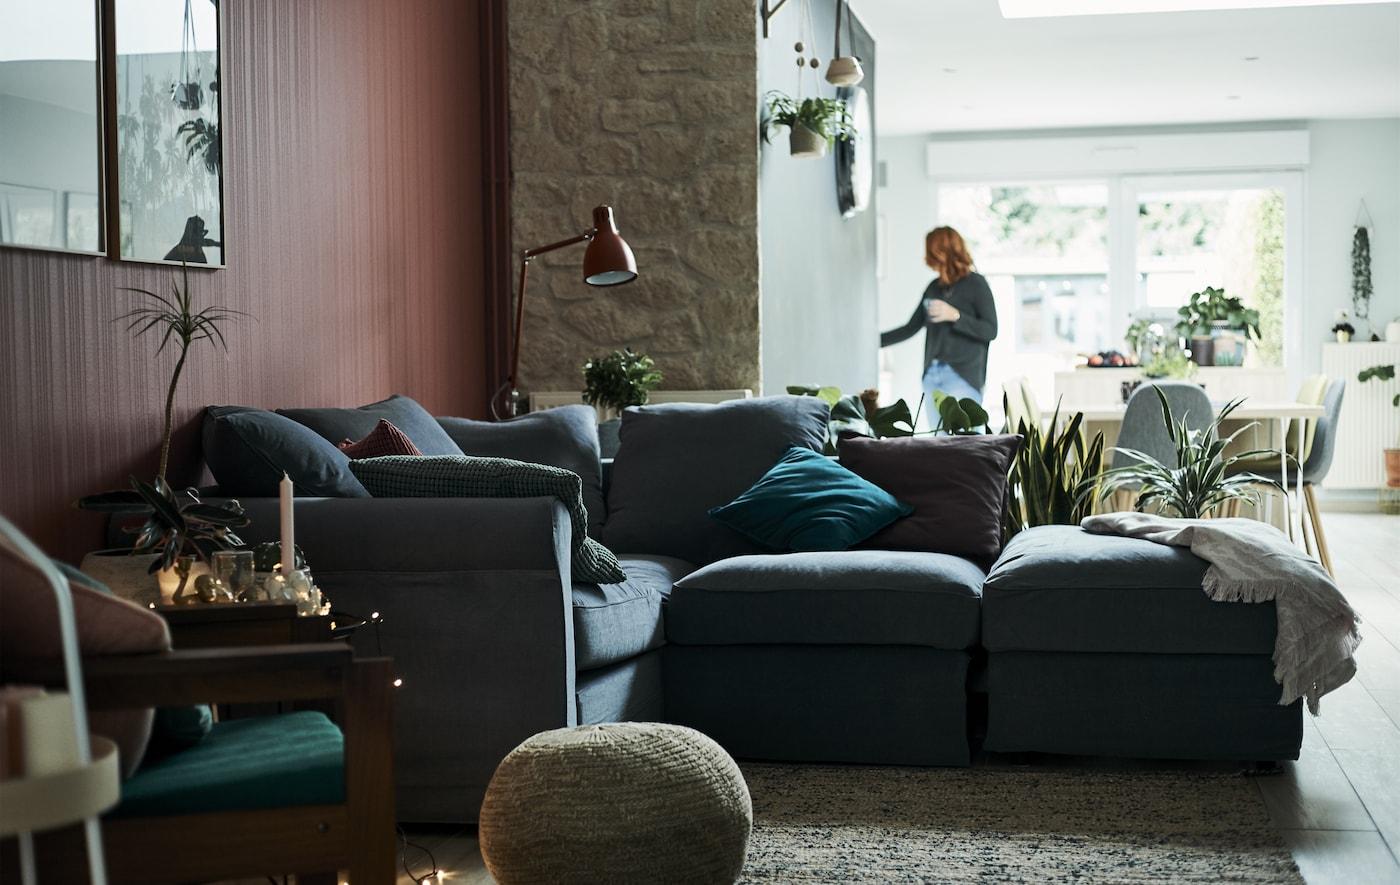 Salon aux murs de couleur rouille avec canapé gris en L et une salle à manger en arrière-plan.